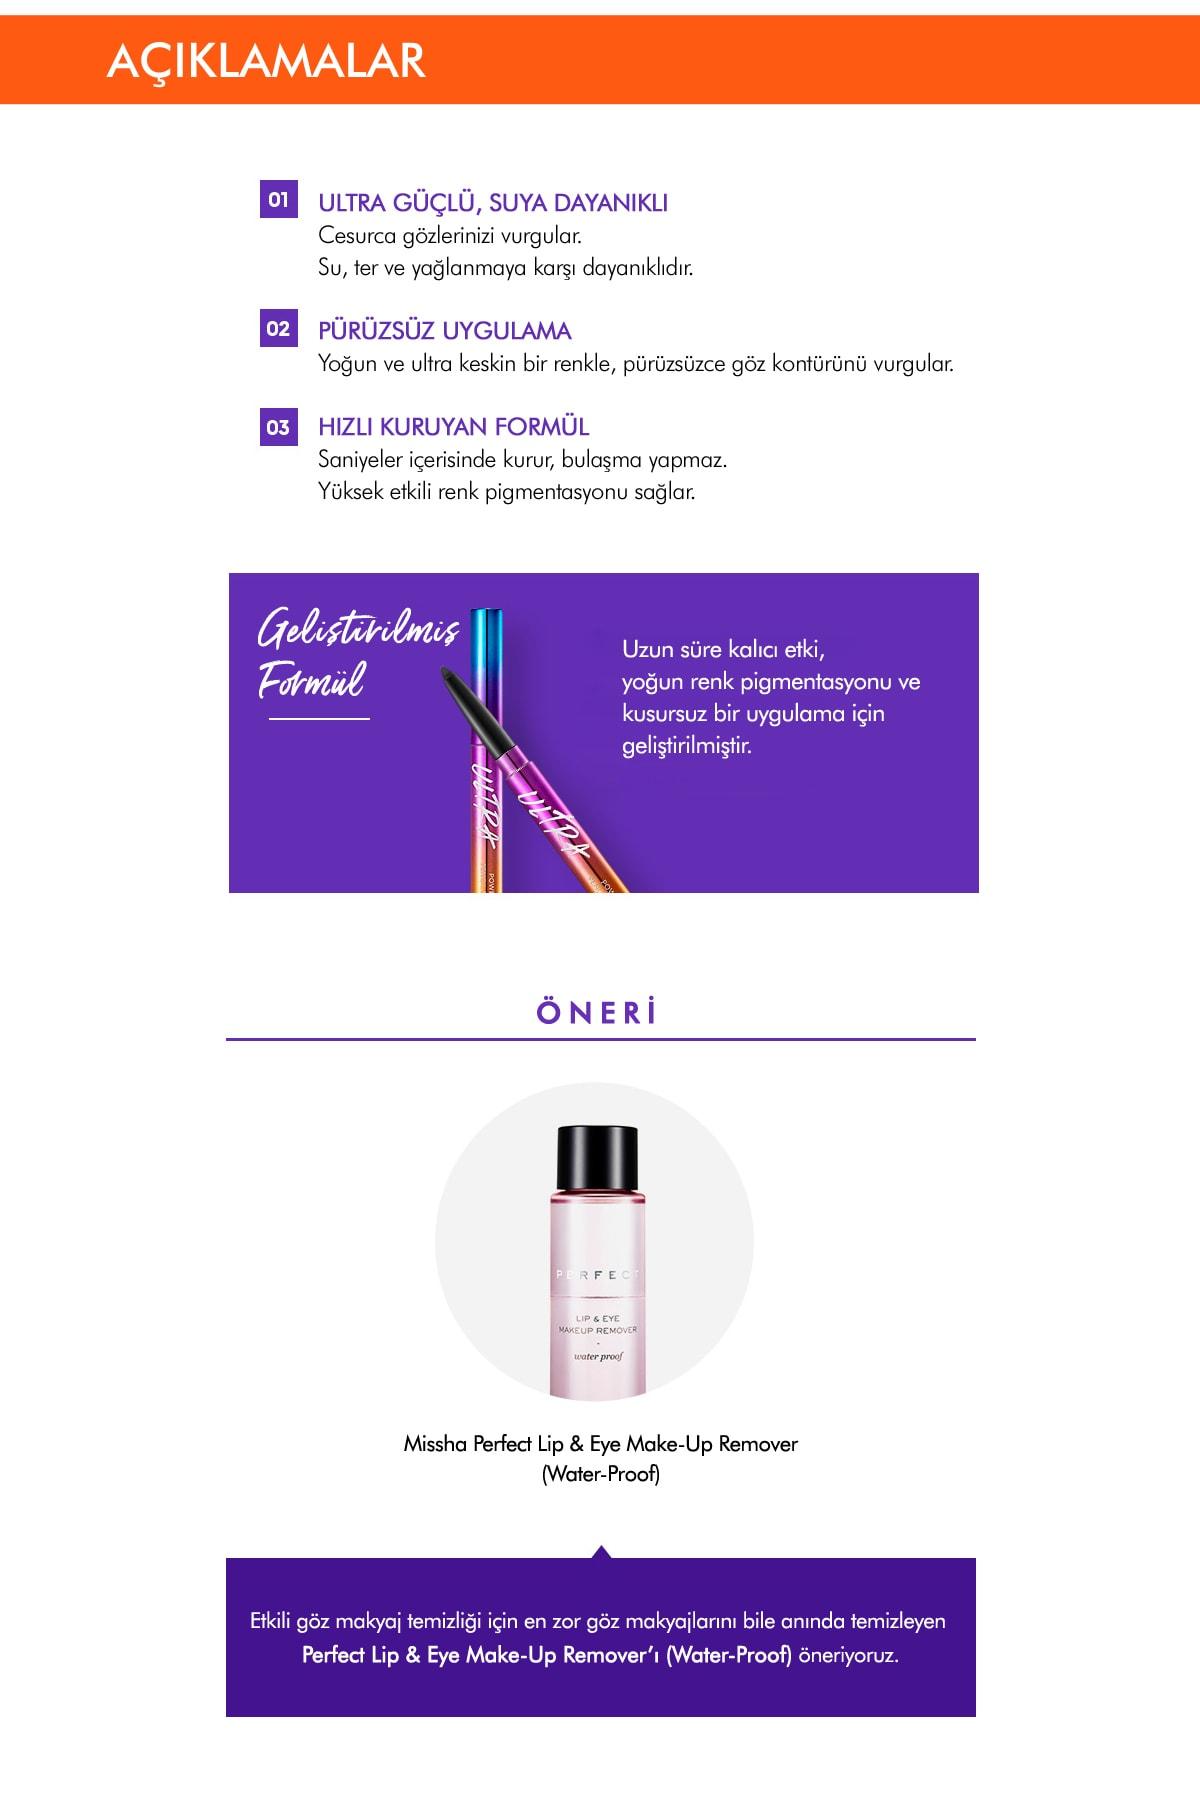 Missha Kalıcı Suya Dayanıklı Jel Göz Kalemi MISSHA Ultra Powerproof Pencil Eyeliner [Brown] 8809643506182 2